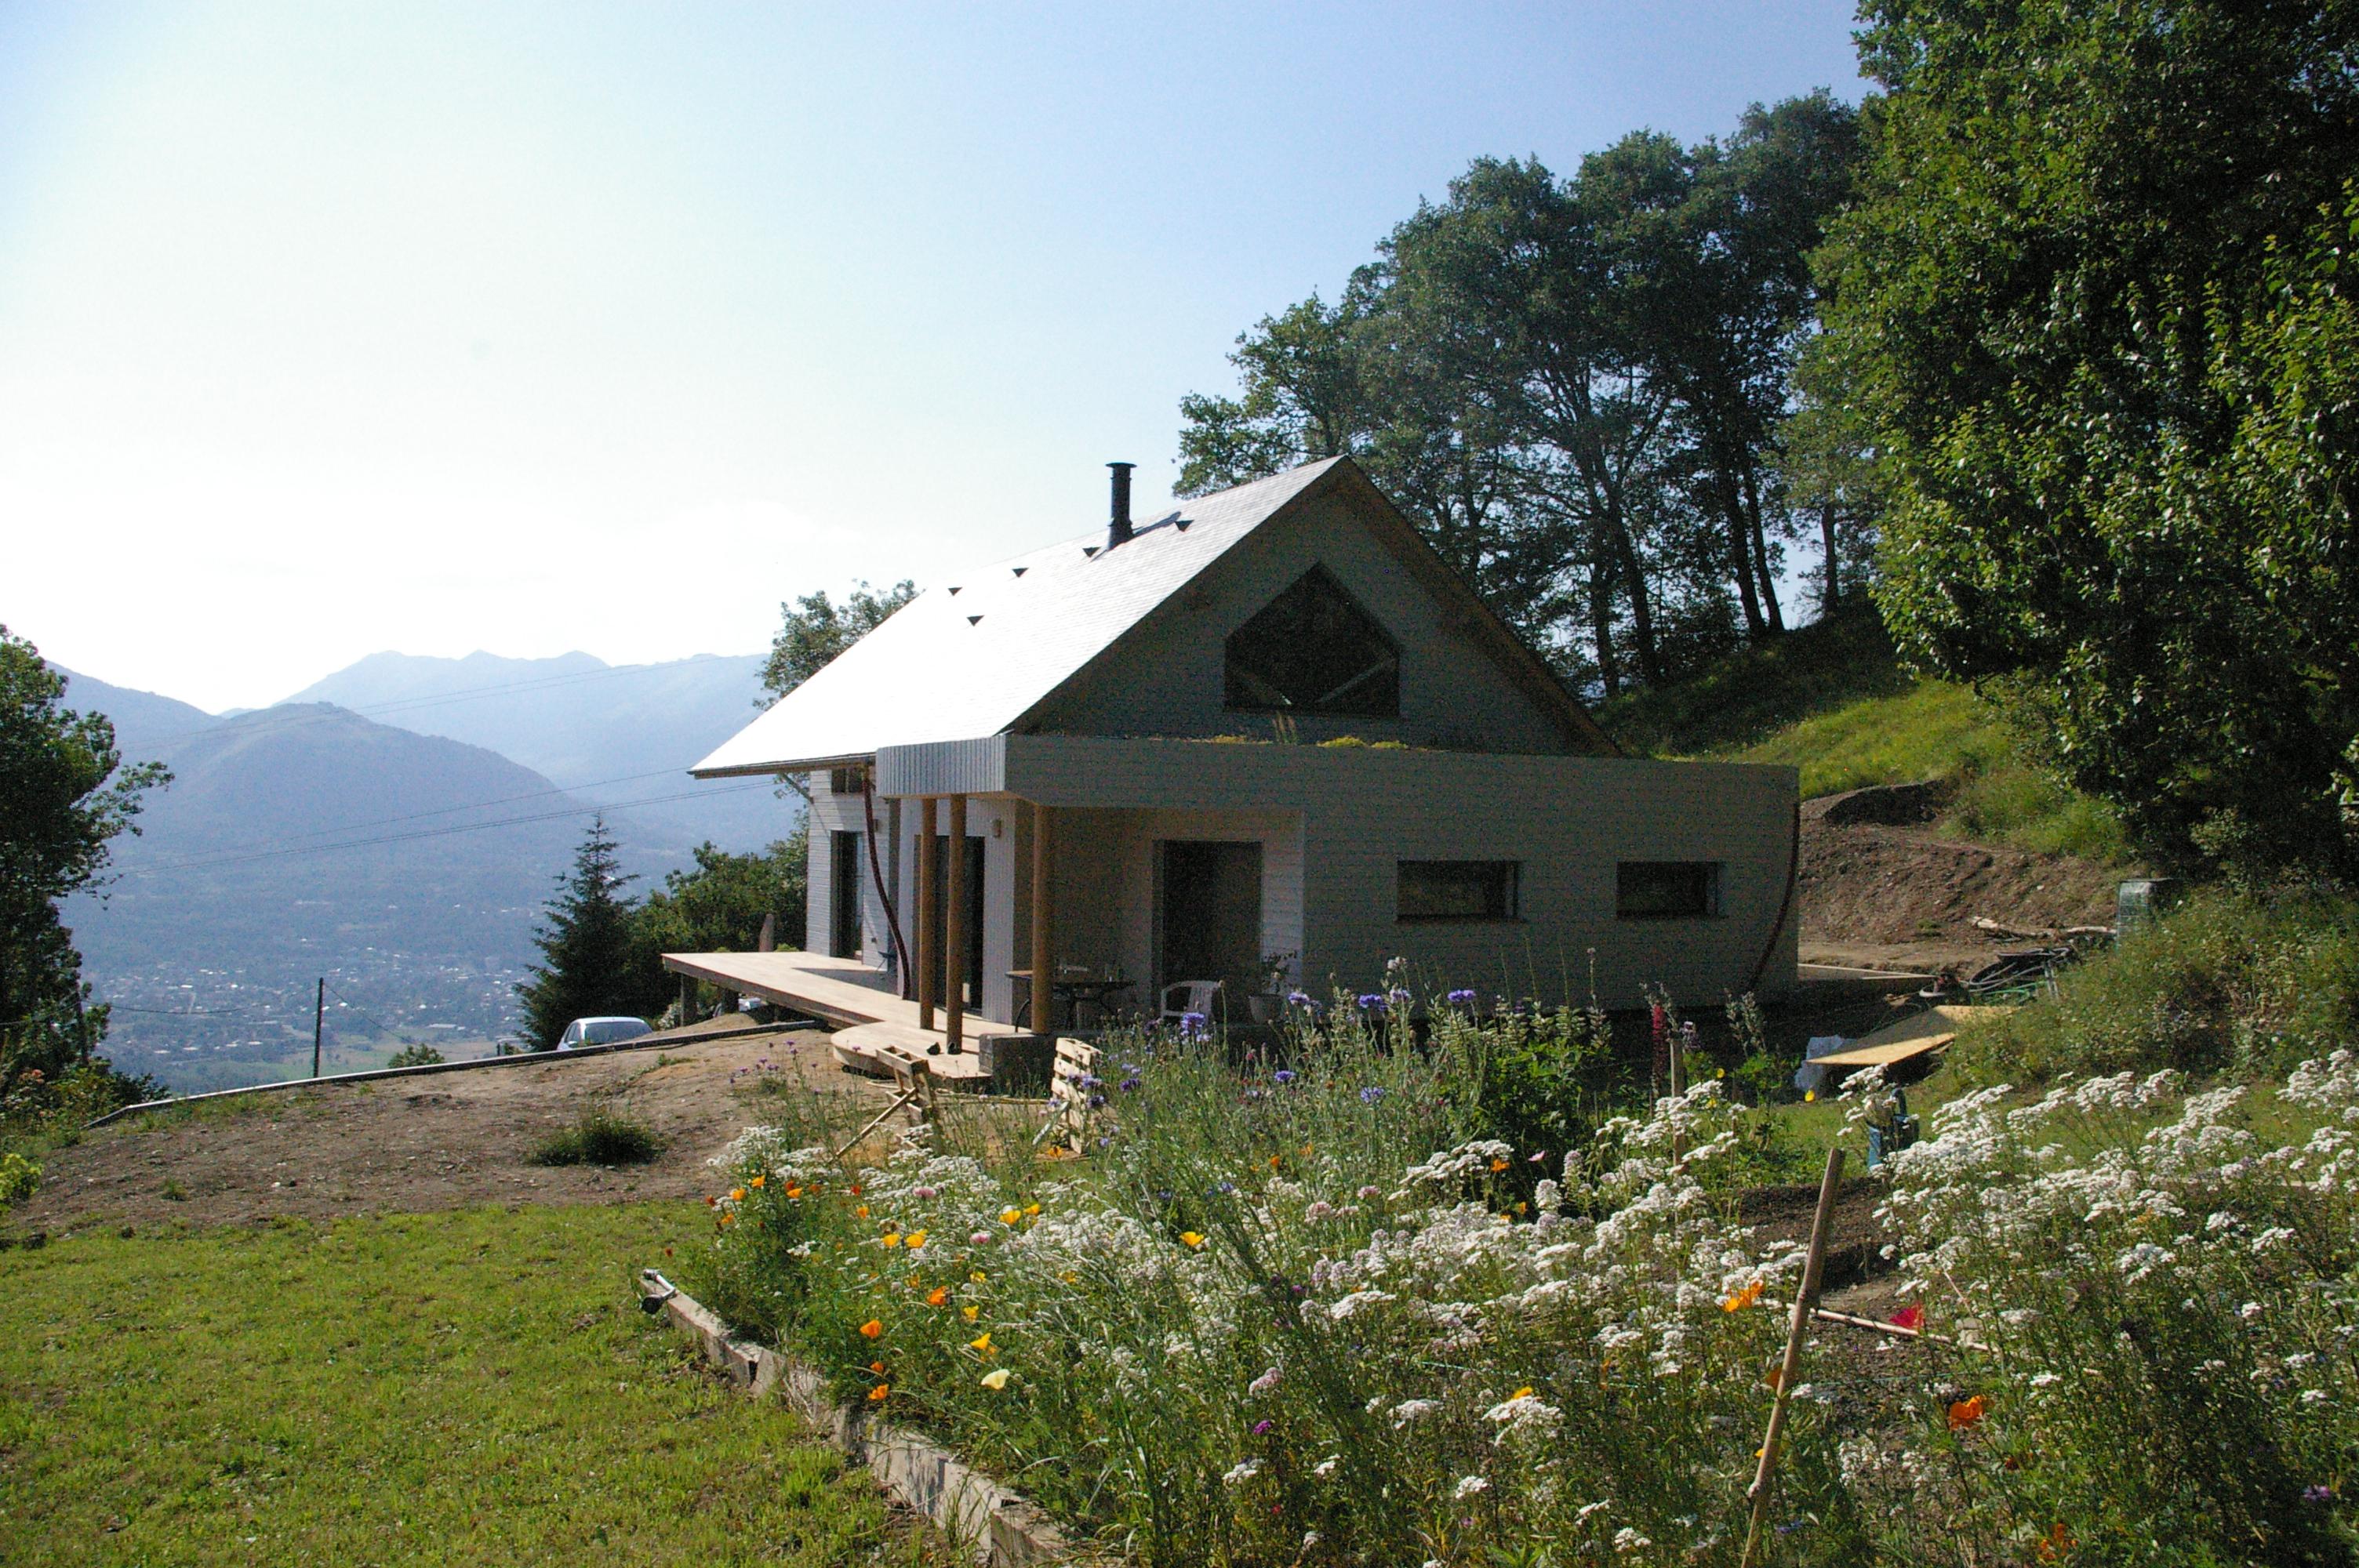 Maison d 39 habitation ossature bois sur terrain en pente for Piscine hors sol sur terrain en pente